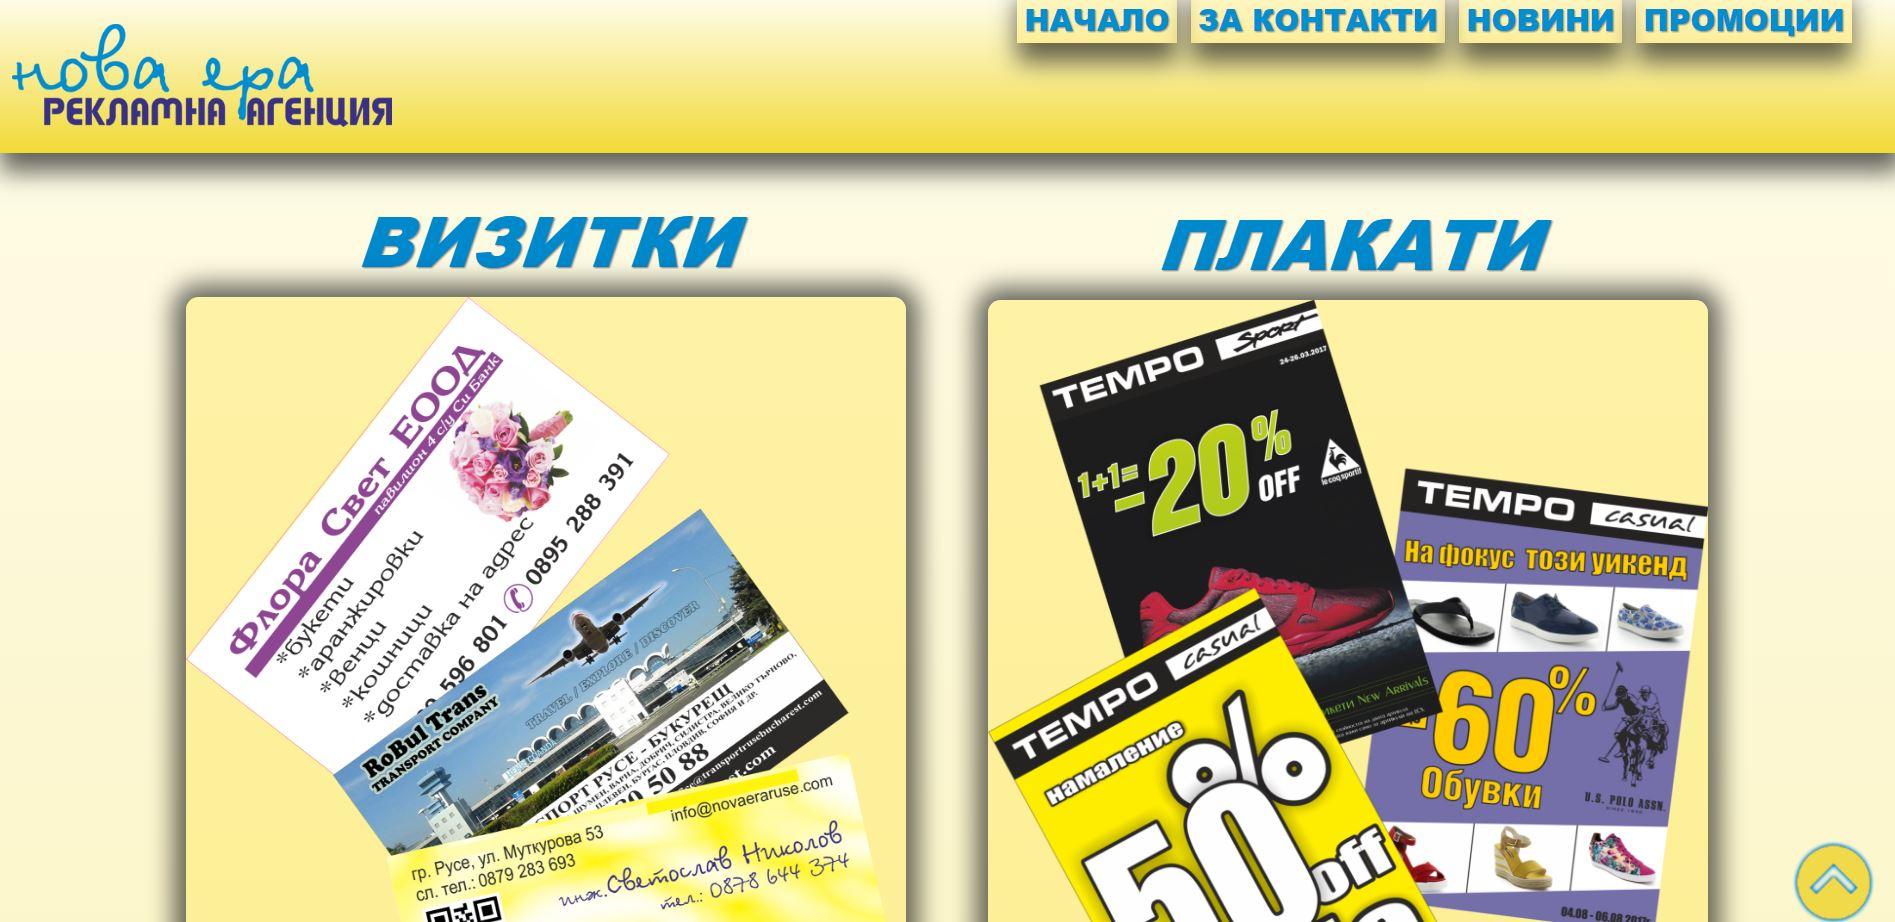 Рекламна агенция Нова Ера 2000